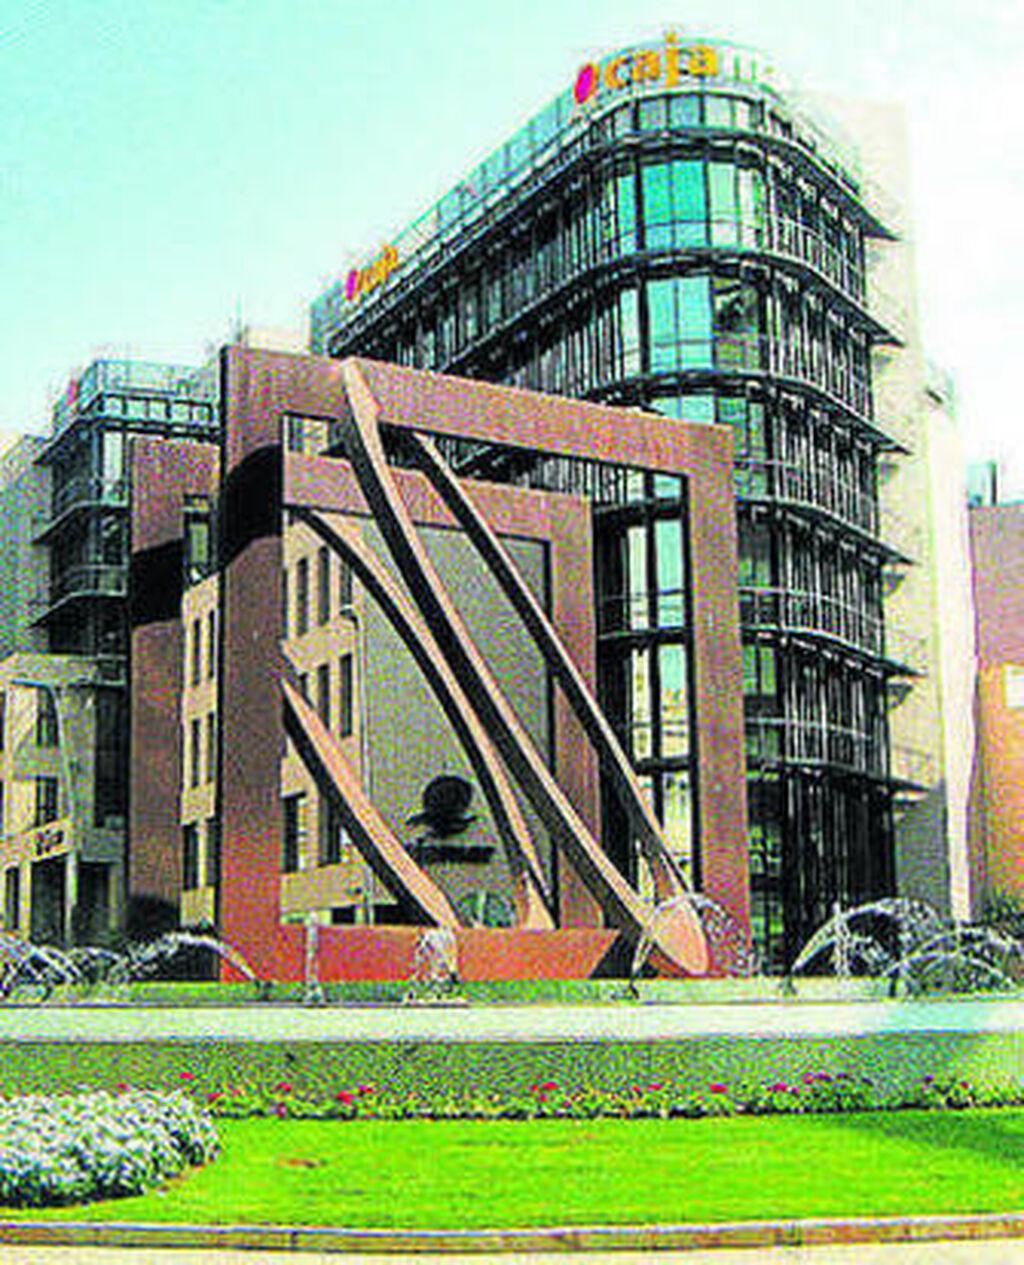 Baleares La Firman Acuerdo Un Unión Cajamar Cooperativas De Y fgbY67y